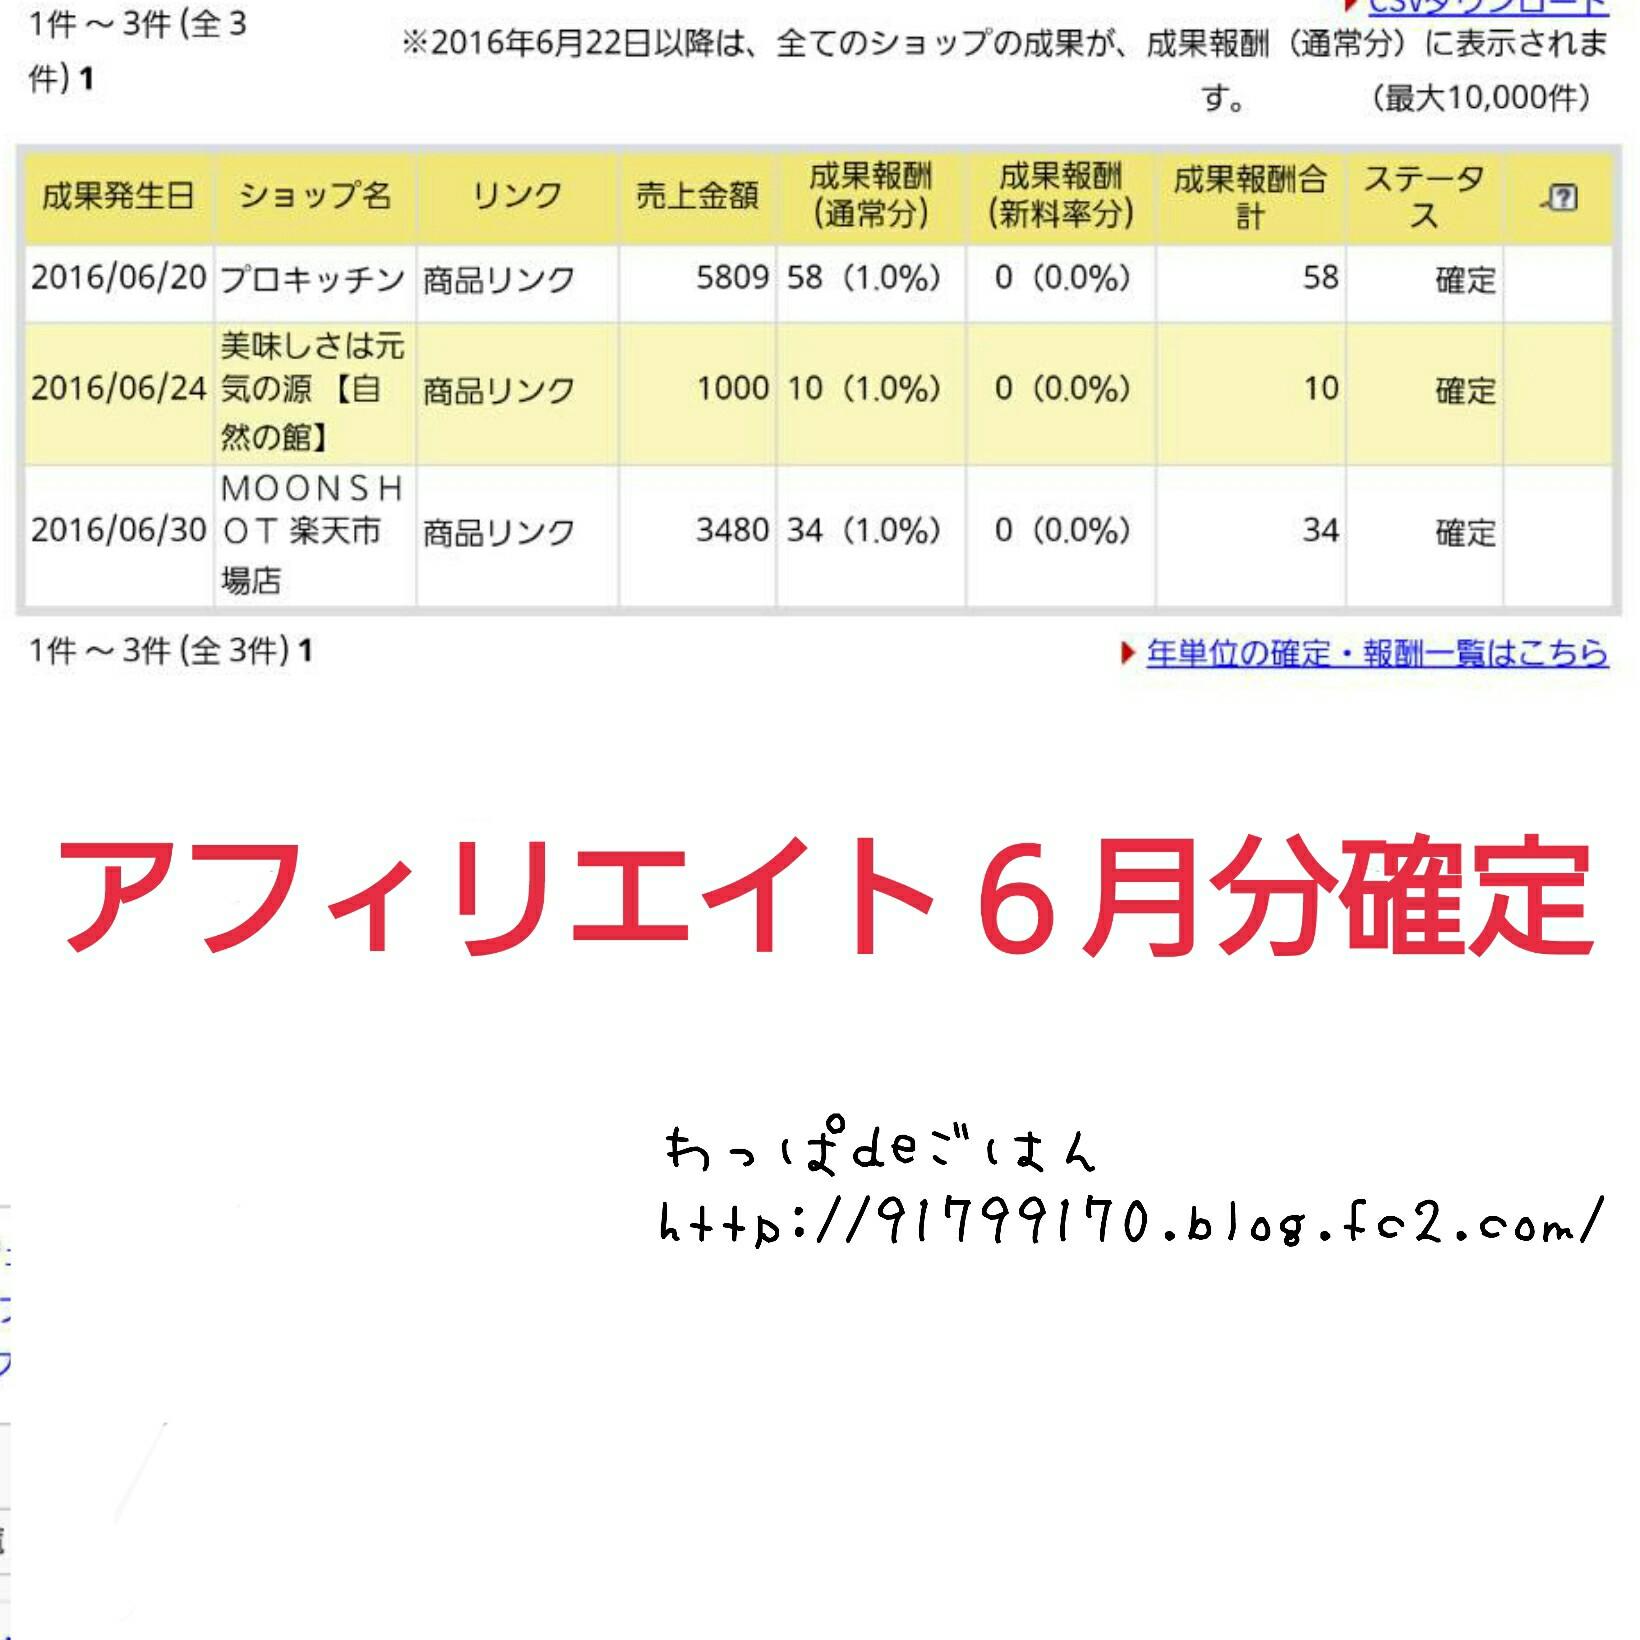 6月分のアフィリエイト収入確定金額